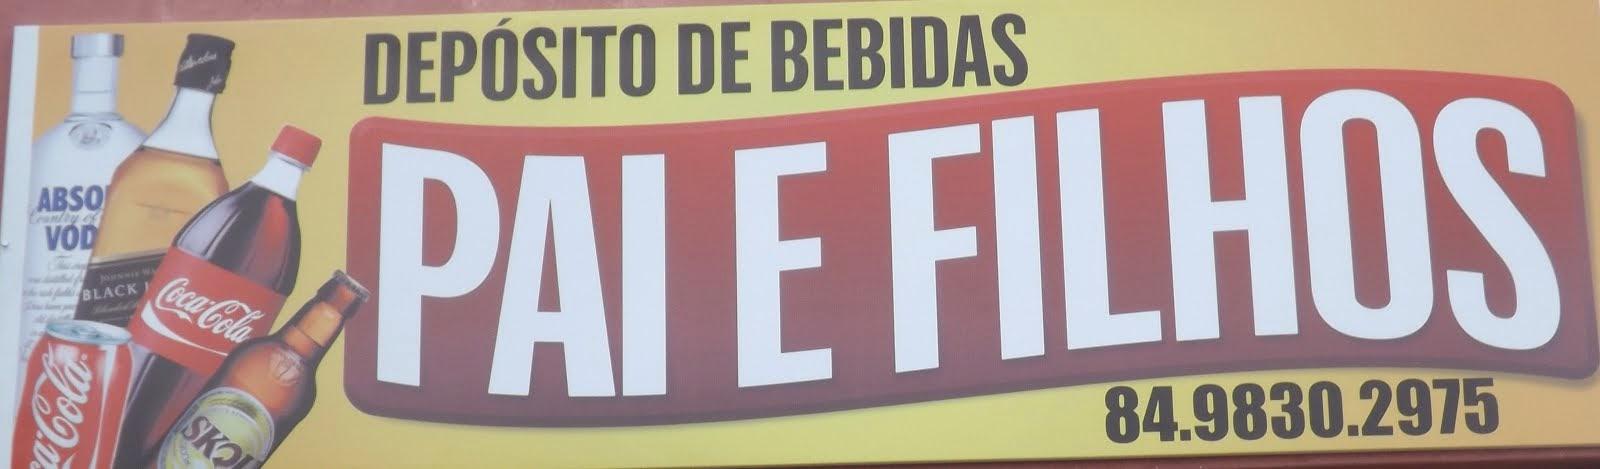 DEPÓSITO DE BEBIDAS PAIS E FILHOS EM ITAÚ-RN